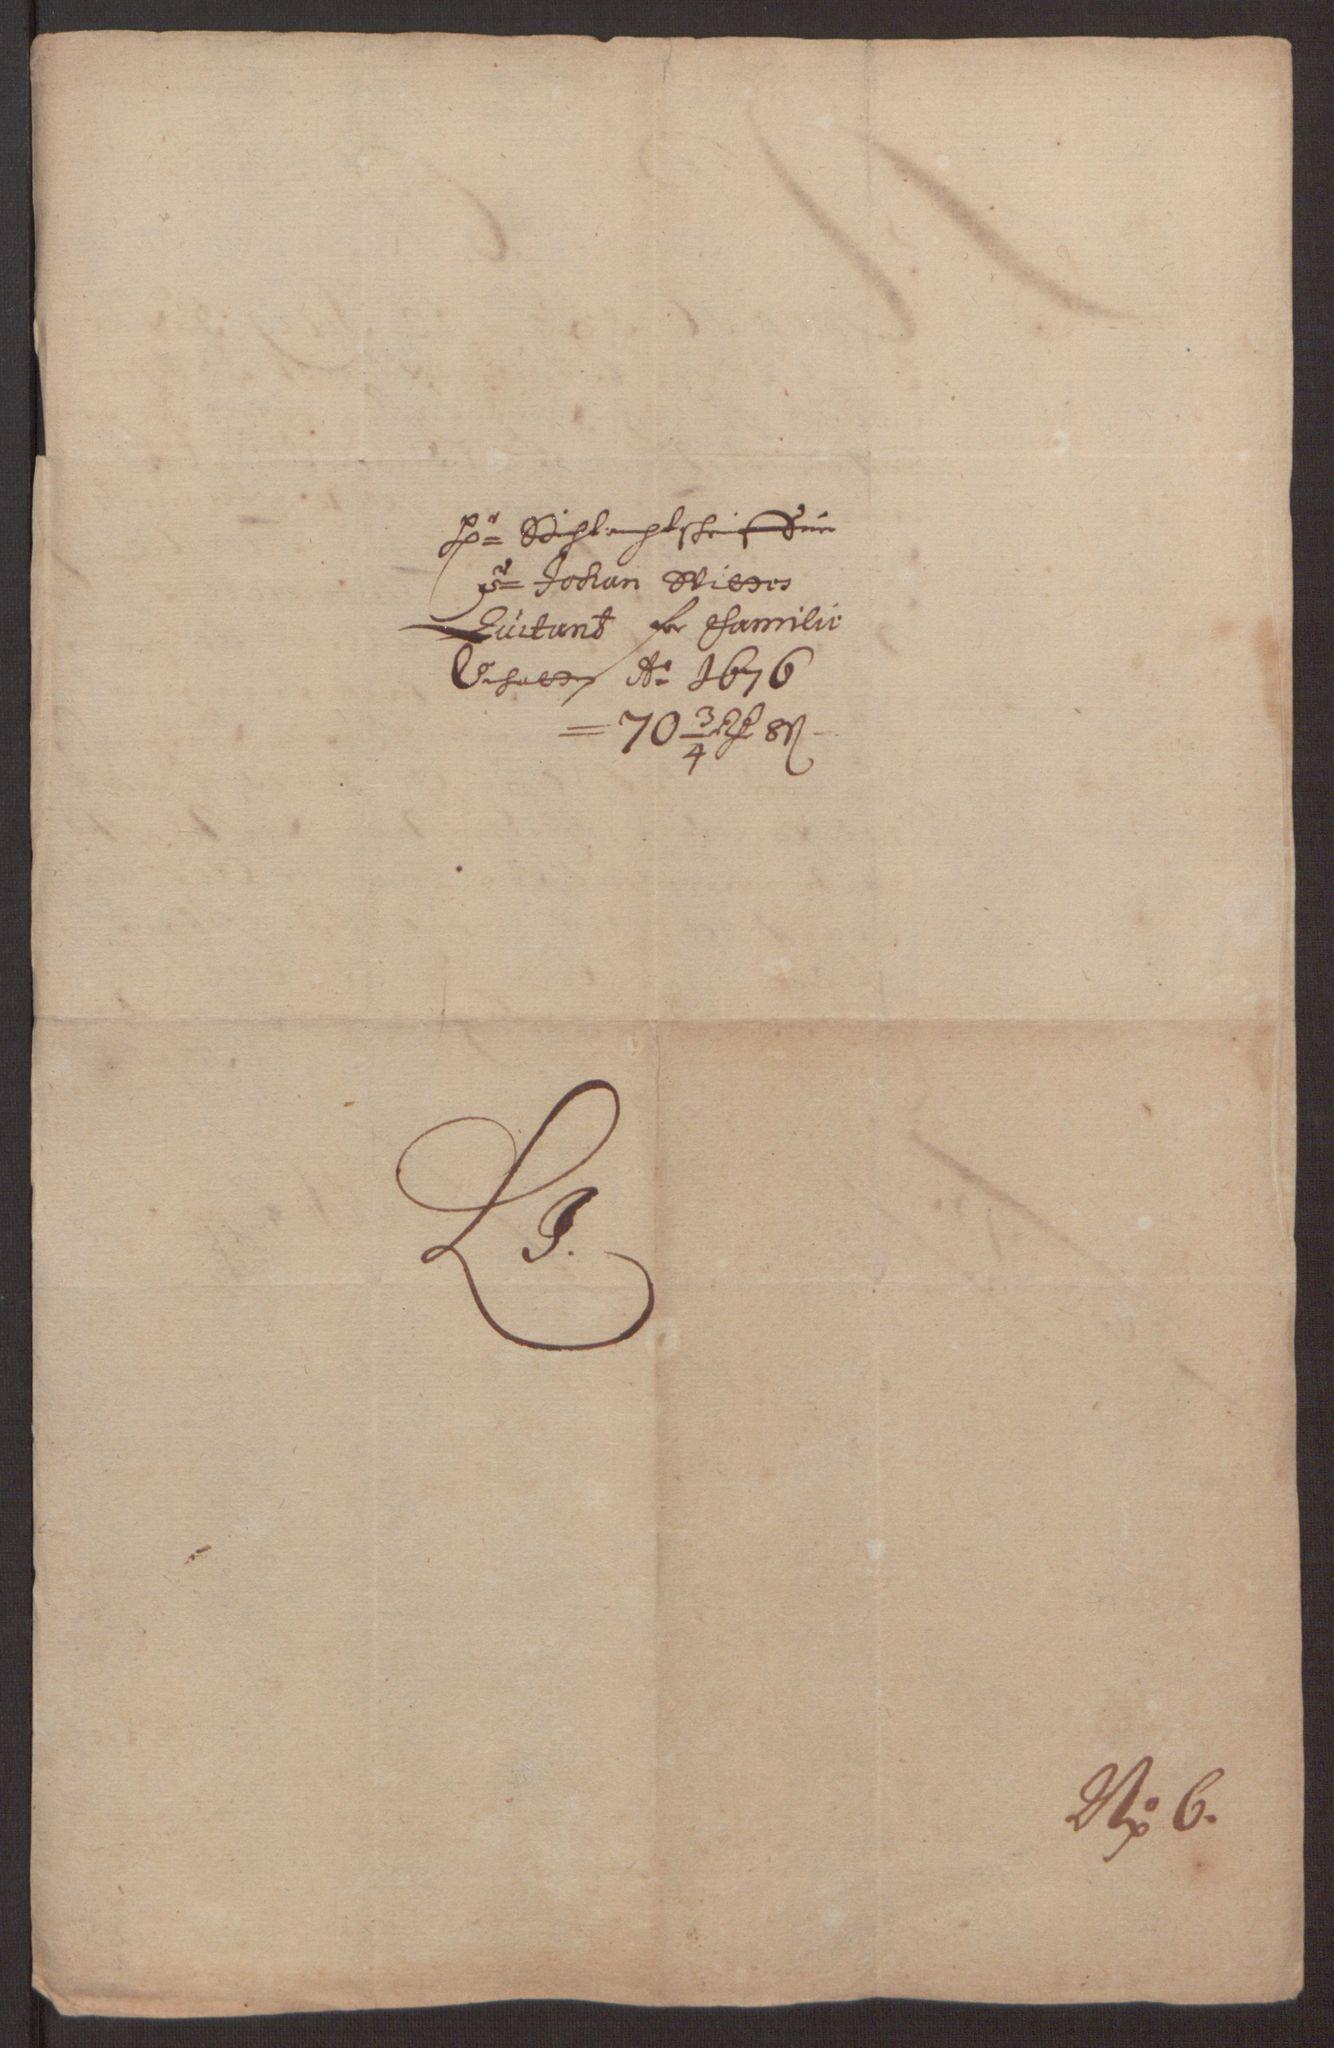 RA, Rentekammeret inntil 1814, Reviderte regnskaper, Fogderegnskap, R35/L2065: Fogderegnskap Øvre og Nedre Telemark, 1676, s. 255